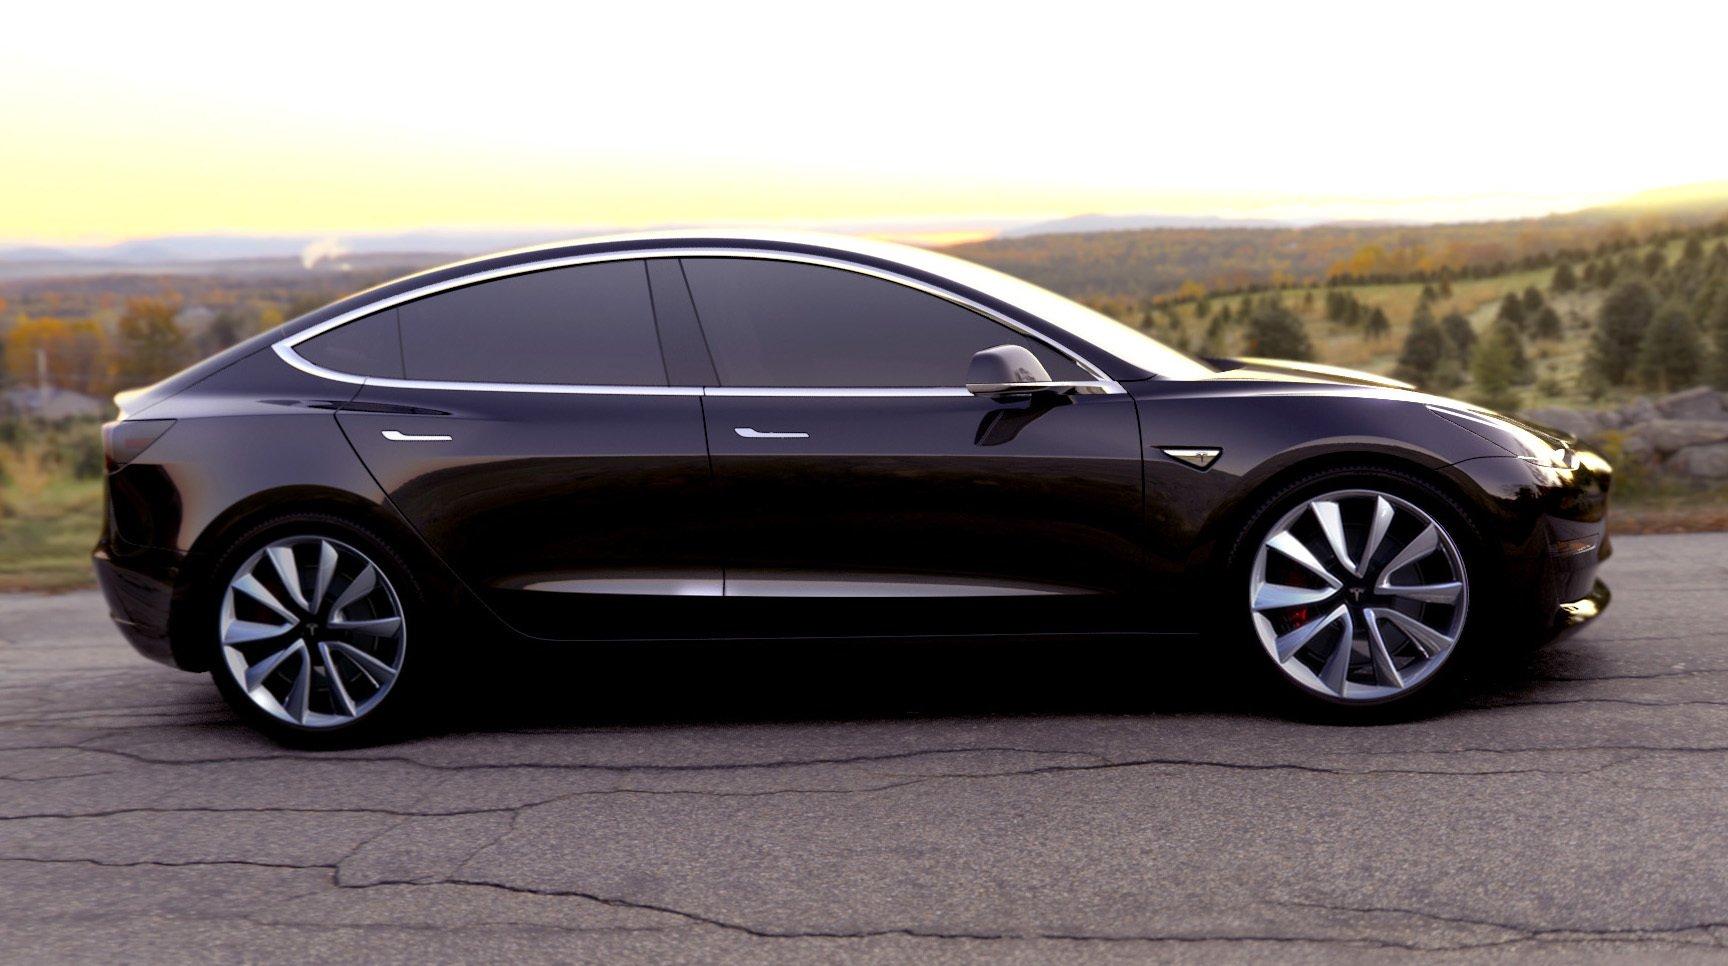 Die Basisversion des Model 3 bringt es auf eine Reichweite von 345 km und beschleunigt in sechs Sekunden von 0 auf 100 km/h.